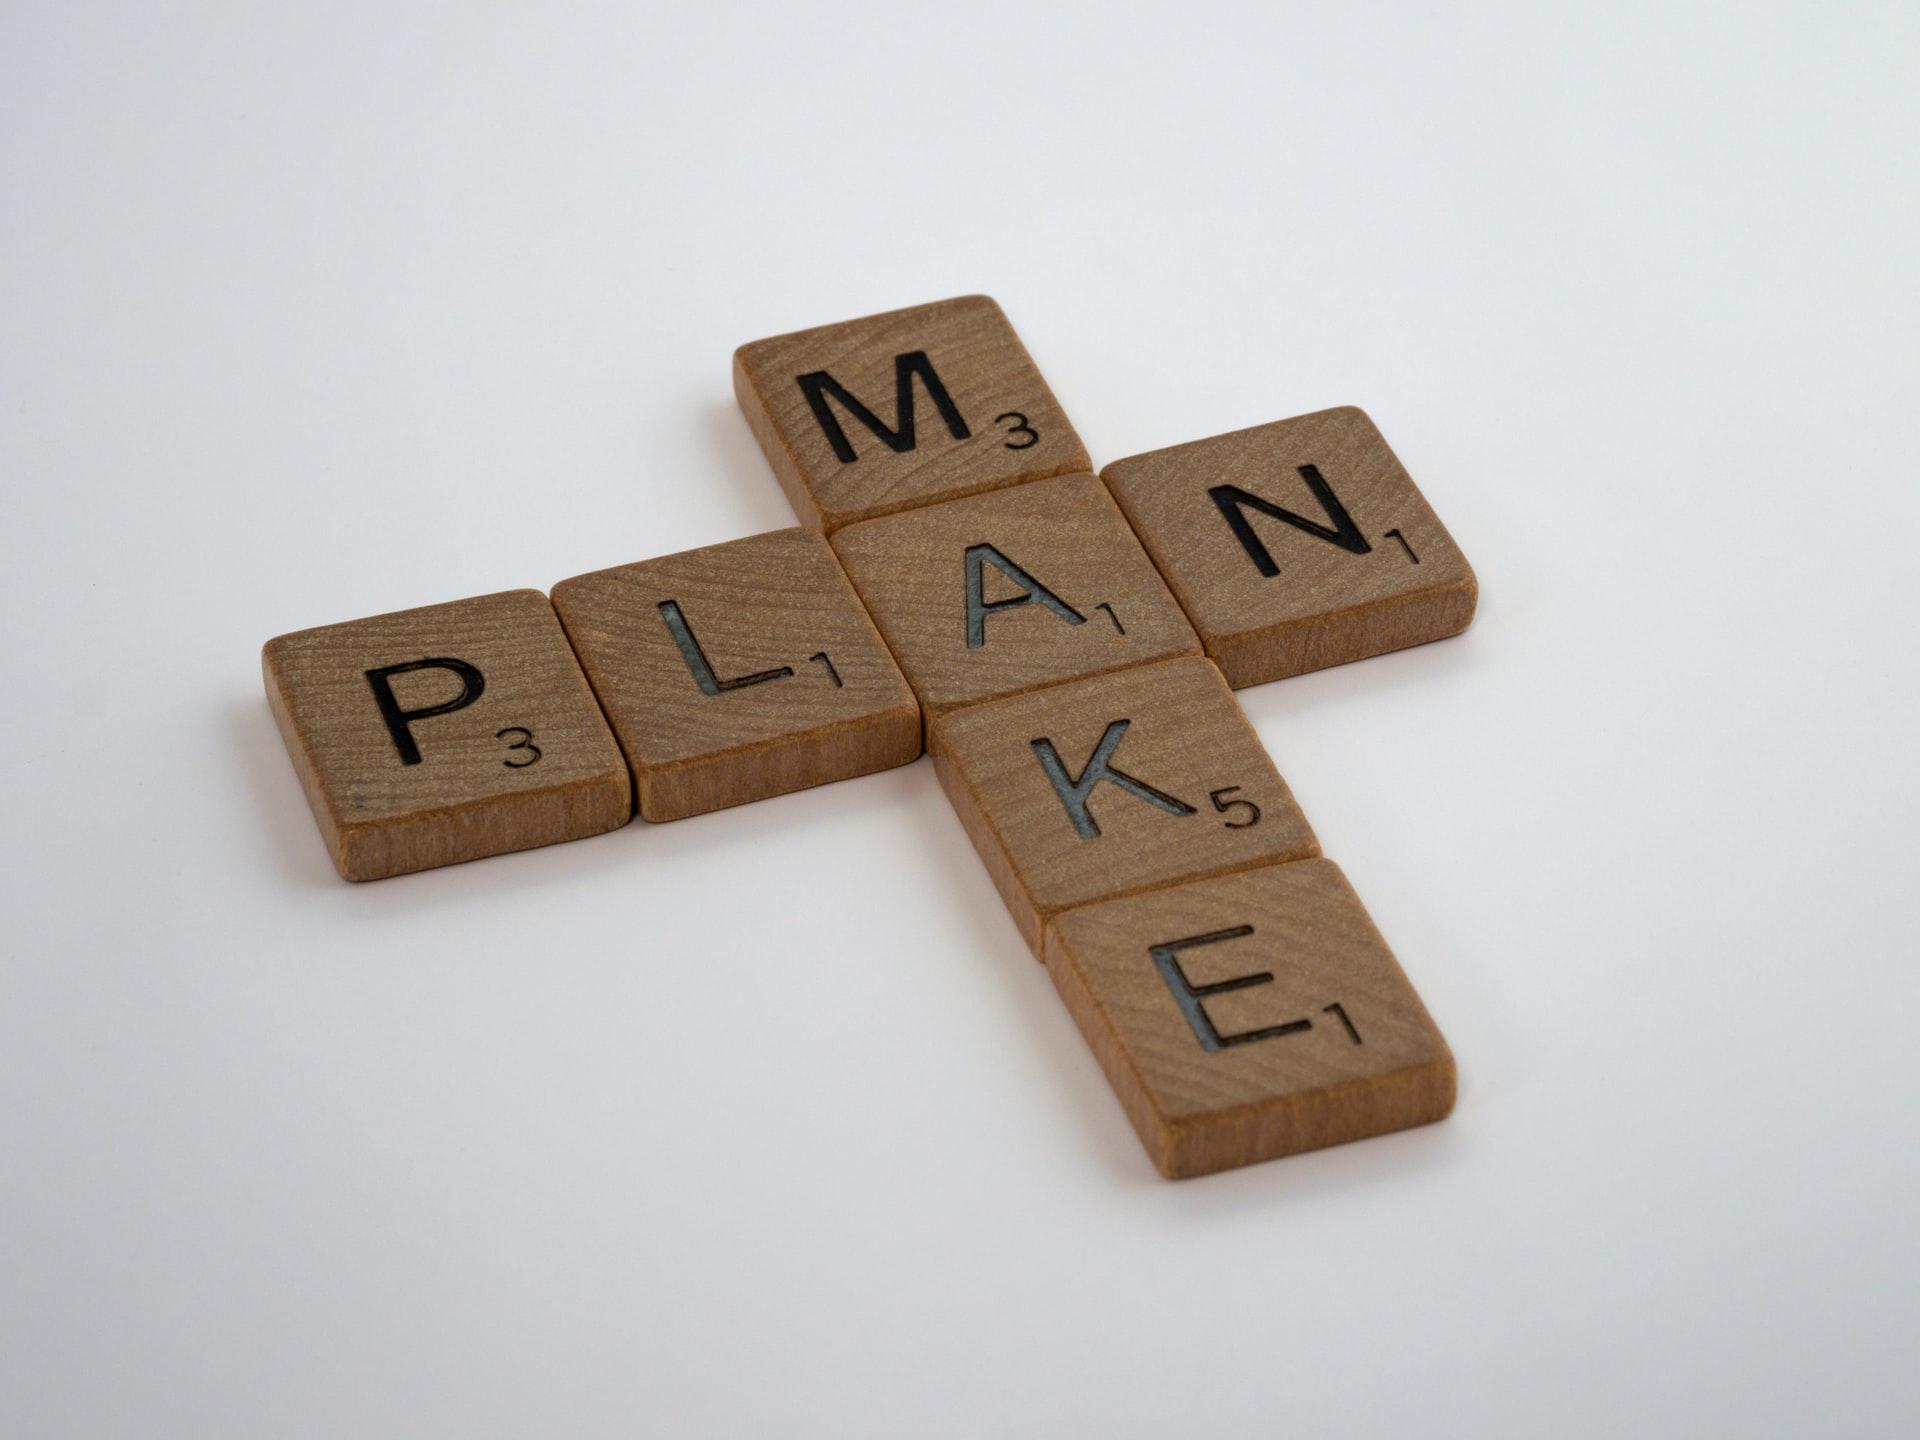 Make plan blocks